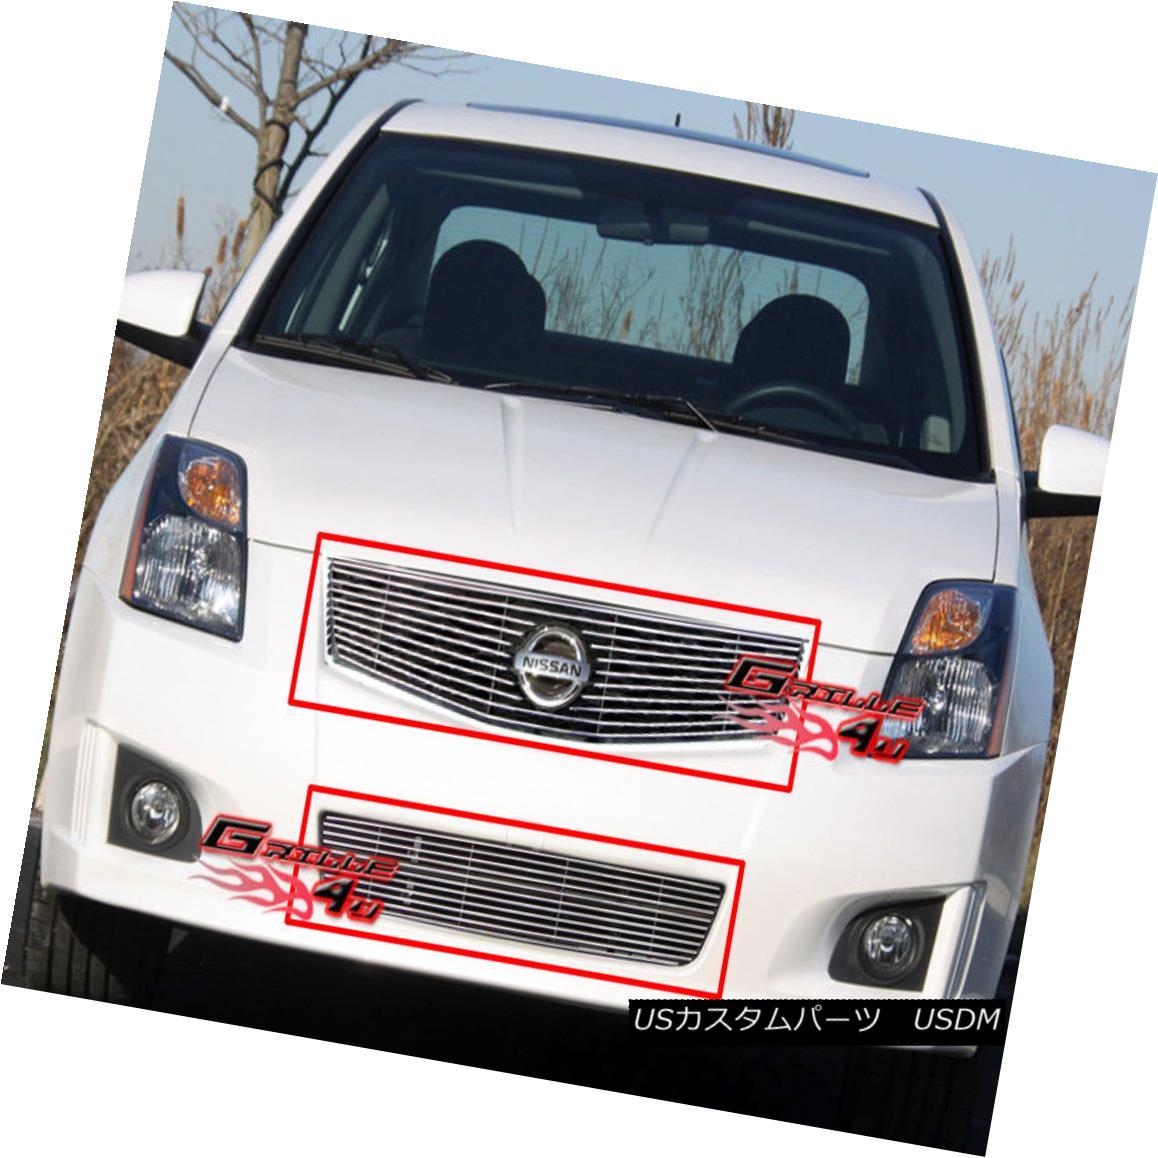 グリル Fits 2007-2010 Nissan Sentra SE-R Billet Grille Combo フィット2007-2010日産セントラSE-Rビレットグリルコンボ